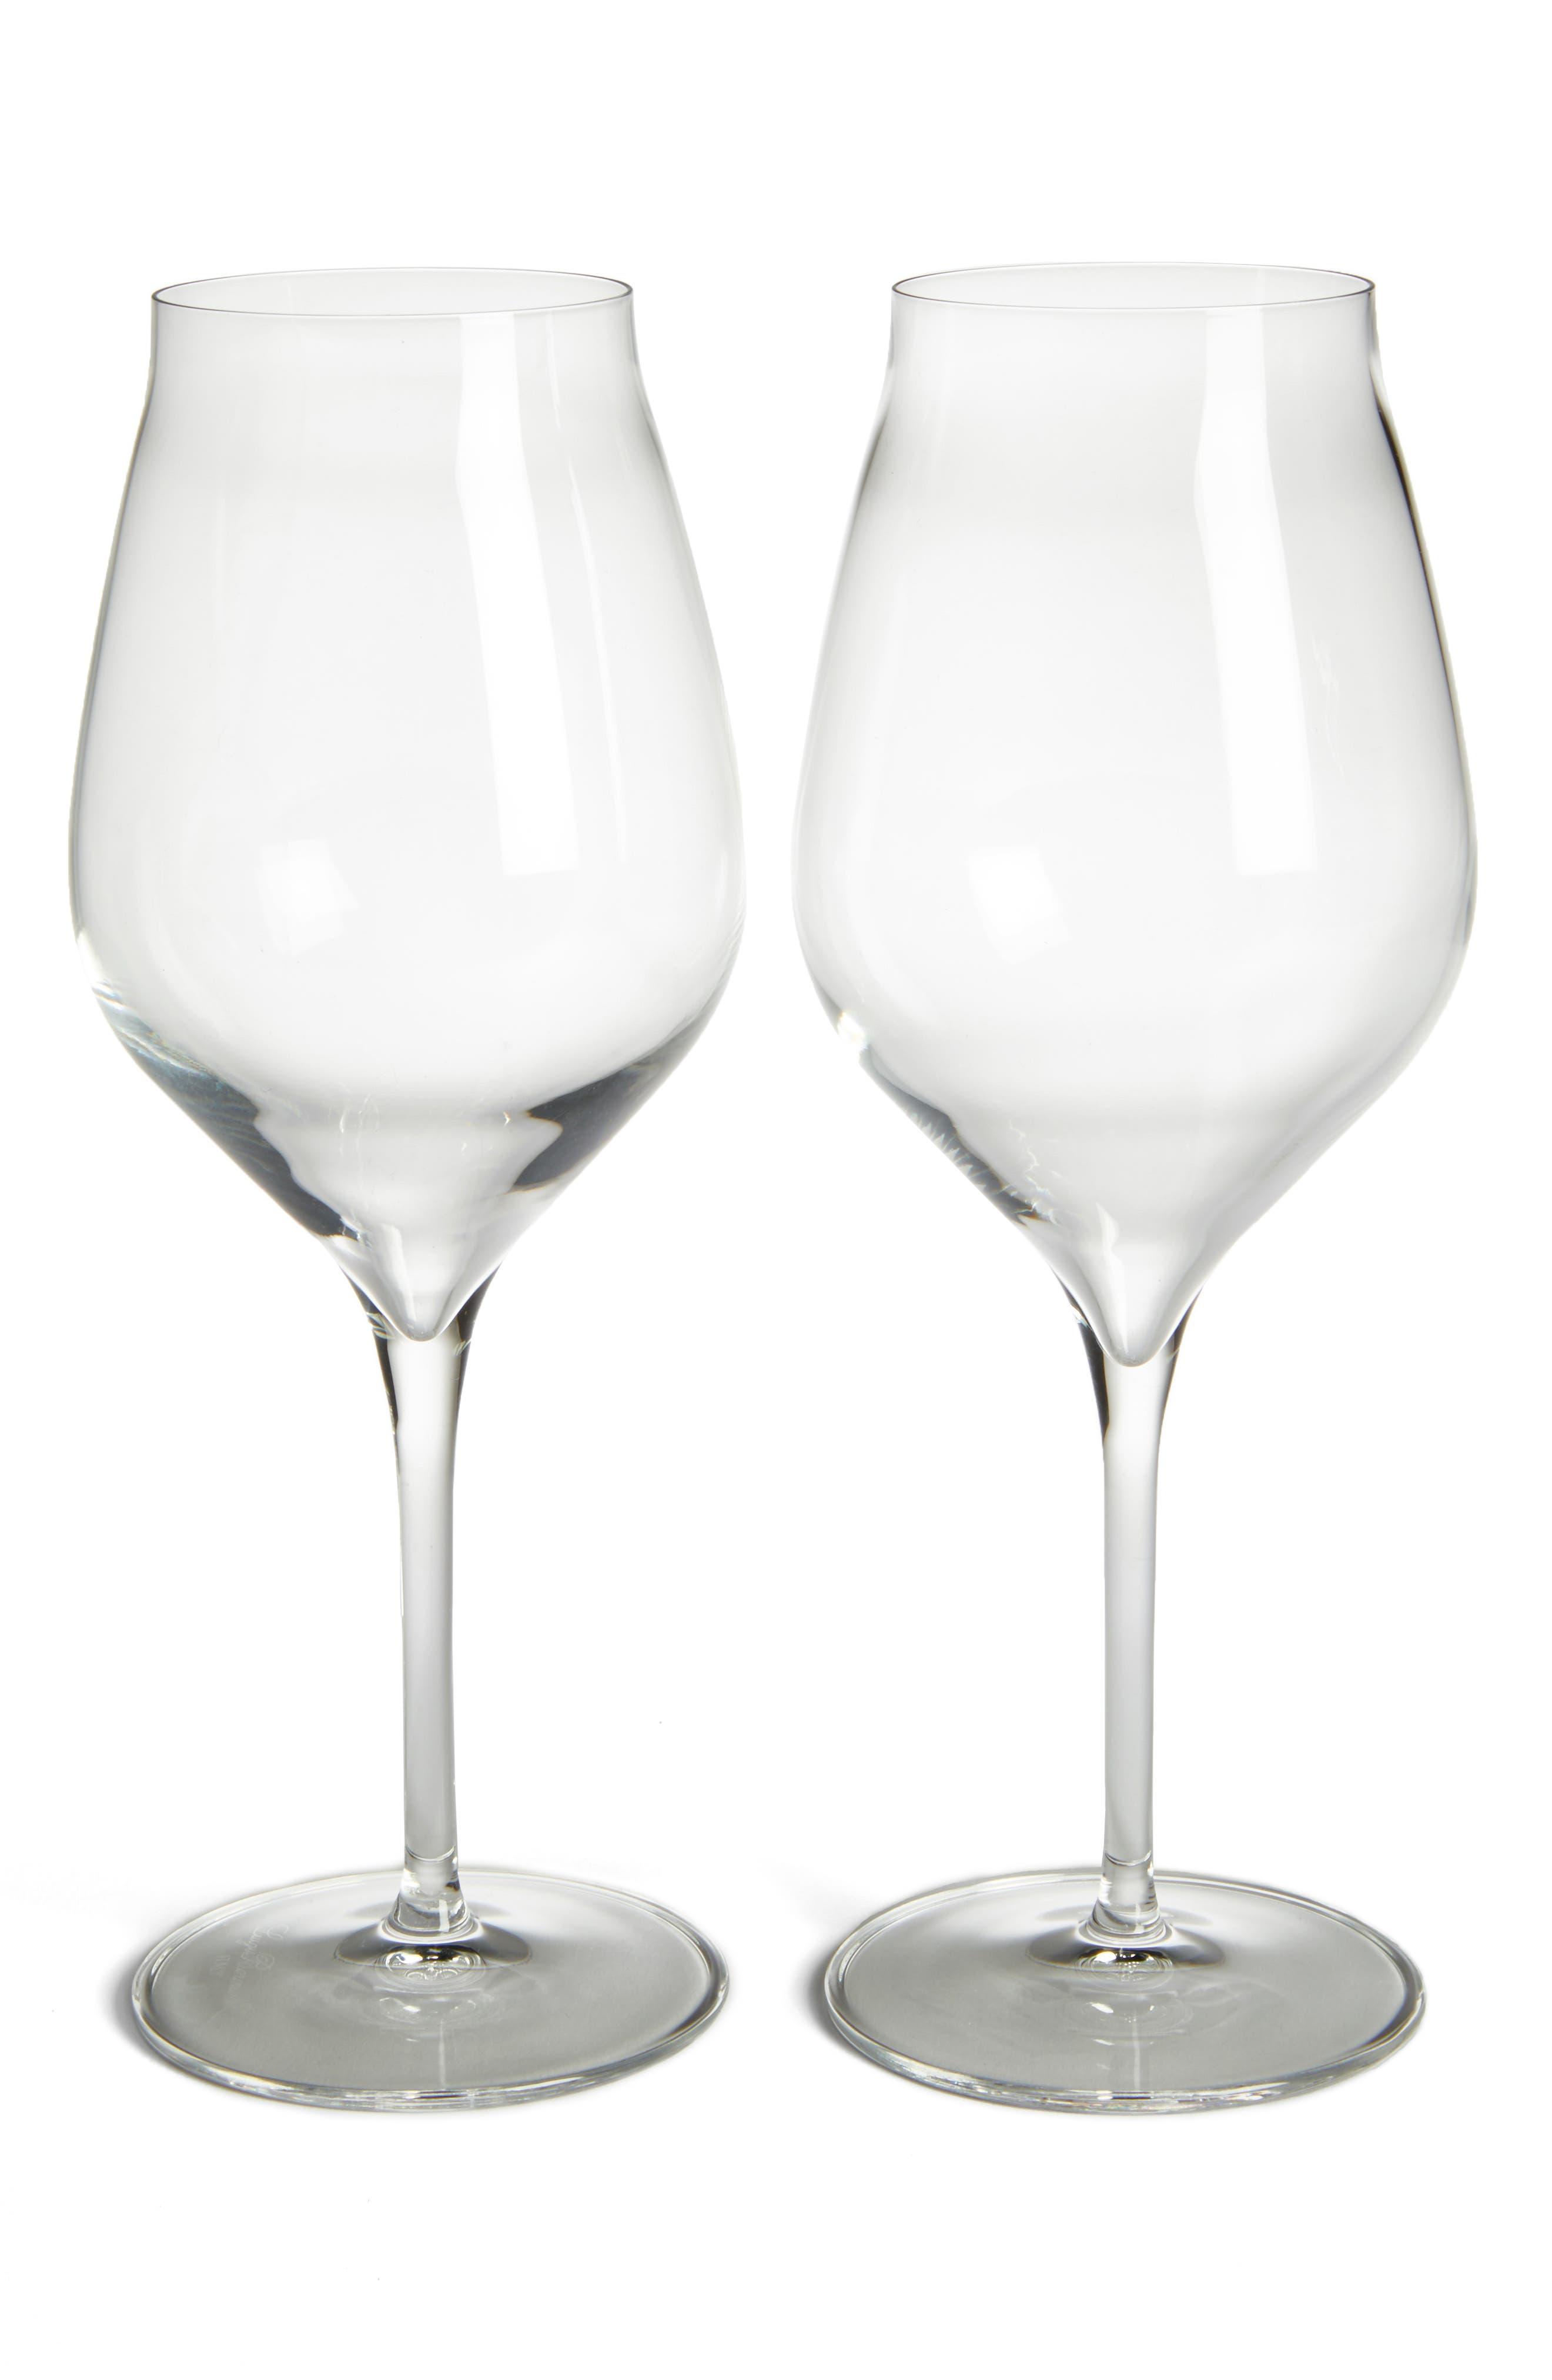 Luigi Bormiolo Vinea Cannonau Set of 2 Red Wine Glasses,                         Main,                         color, CLEAR